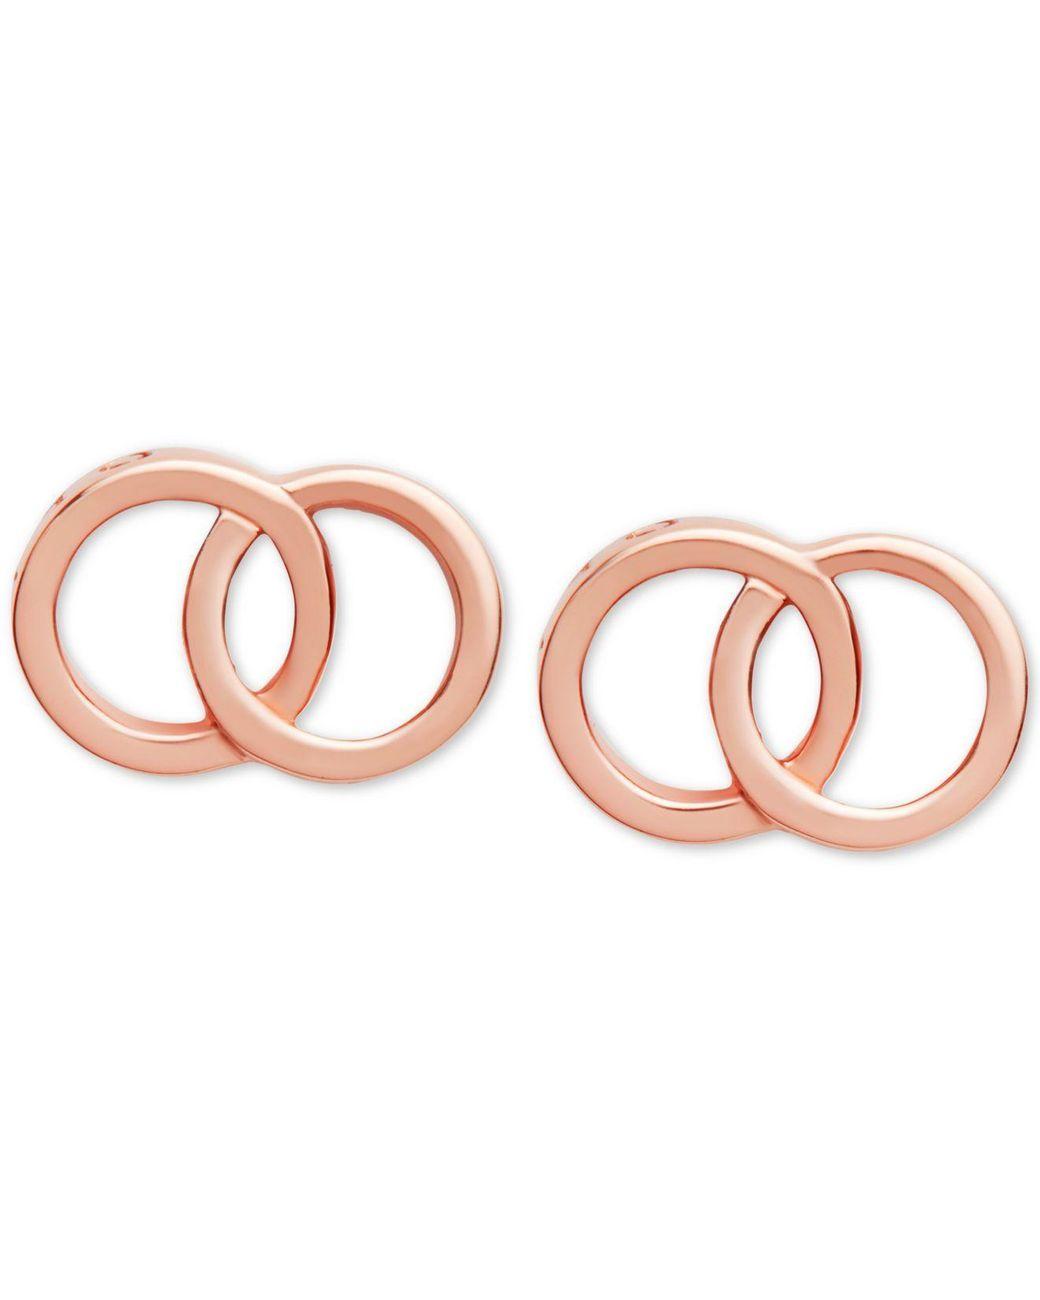 SISGEM 18k Rose Gold Threader Heart Earrings Real Gold Drop Dangle Earrings for Women